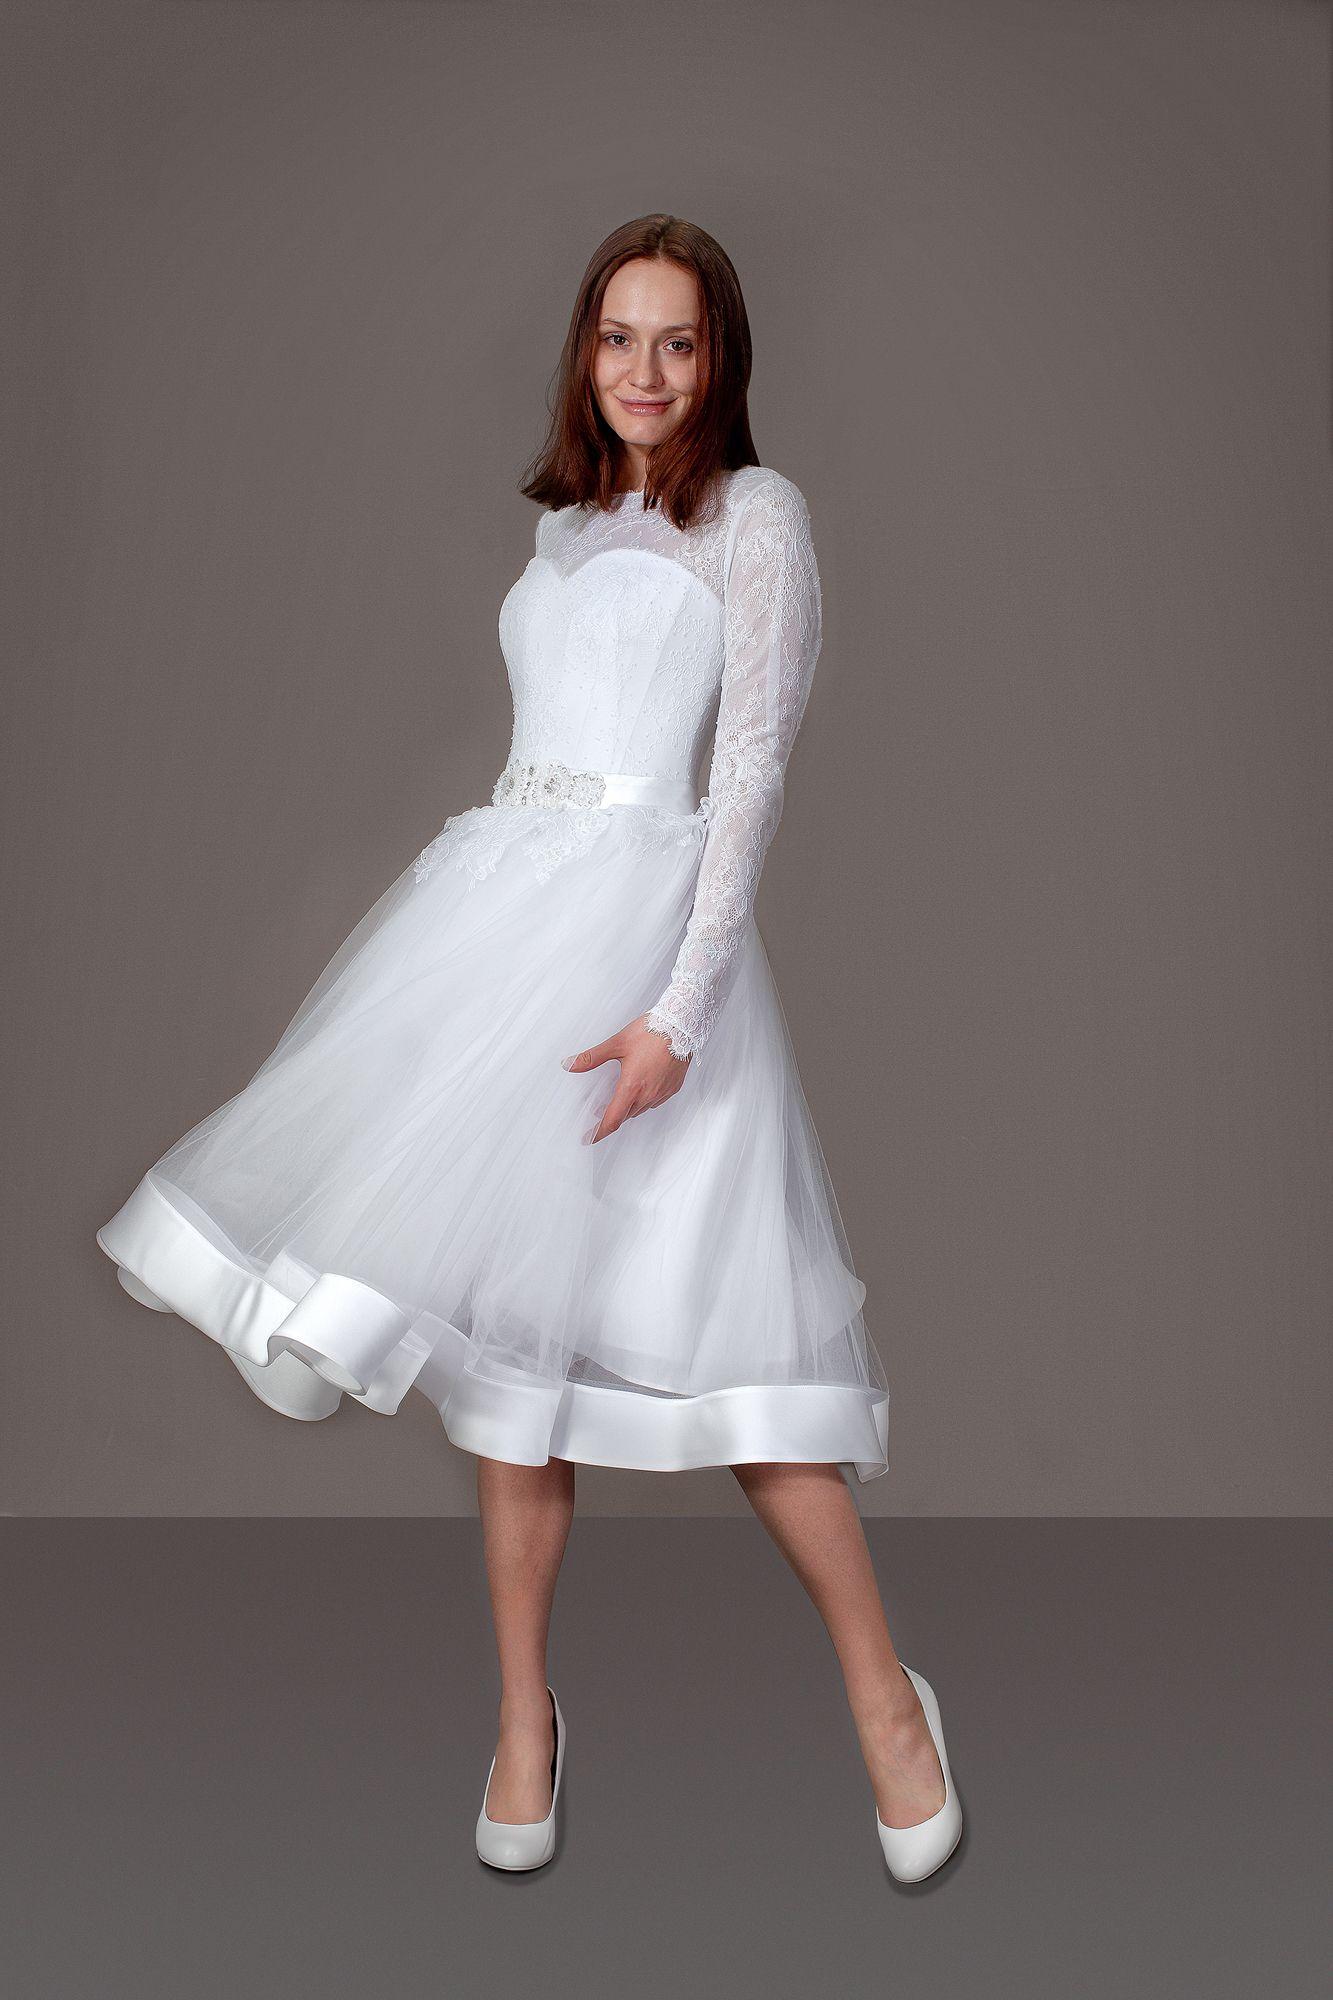 1e69930d718fdd7 Короткое свадебное платье в стиле ретро. Длинный рукав, кружевной корсет,  ватиновая юбка.